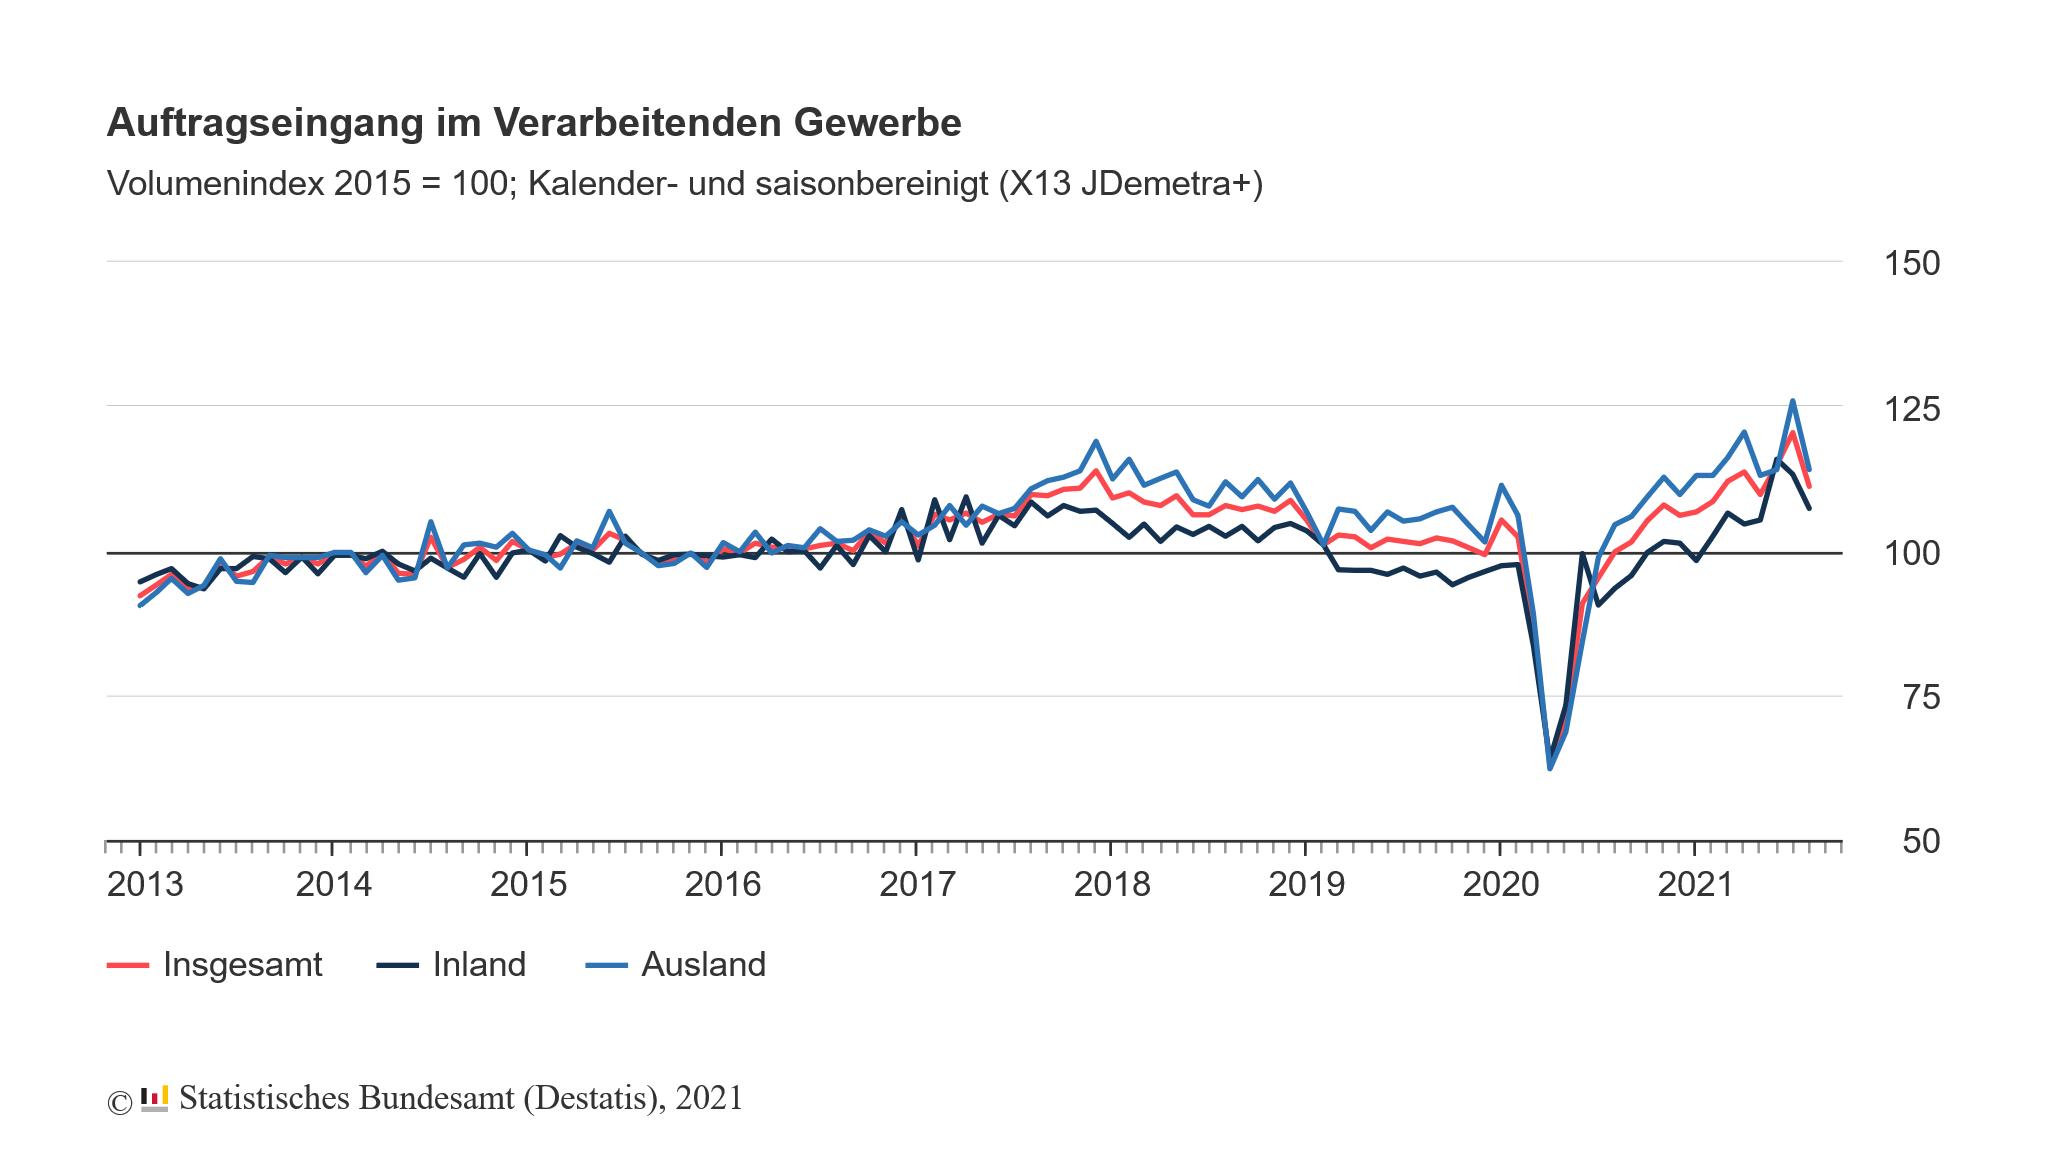 Auftragseingang des produzierenden Gewerbes in Deutschland